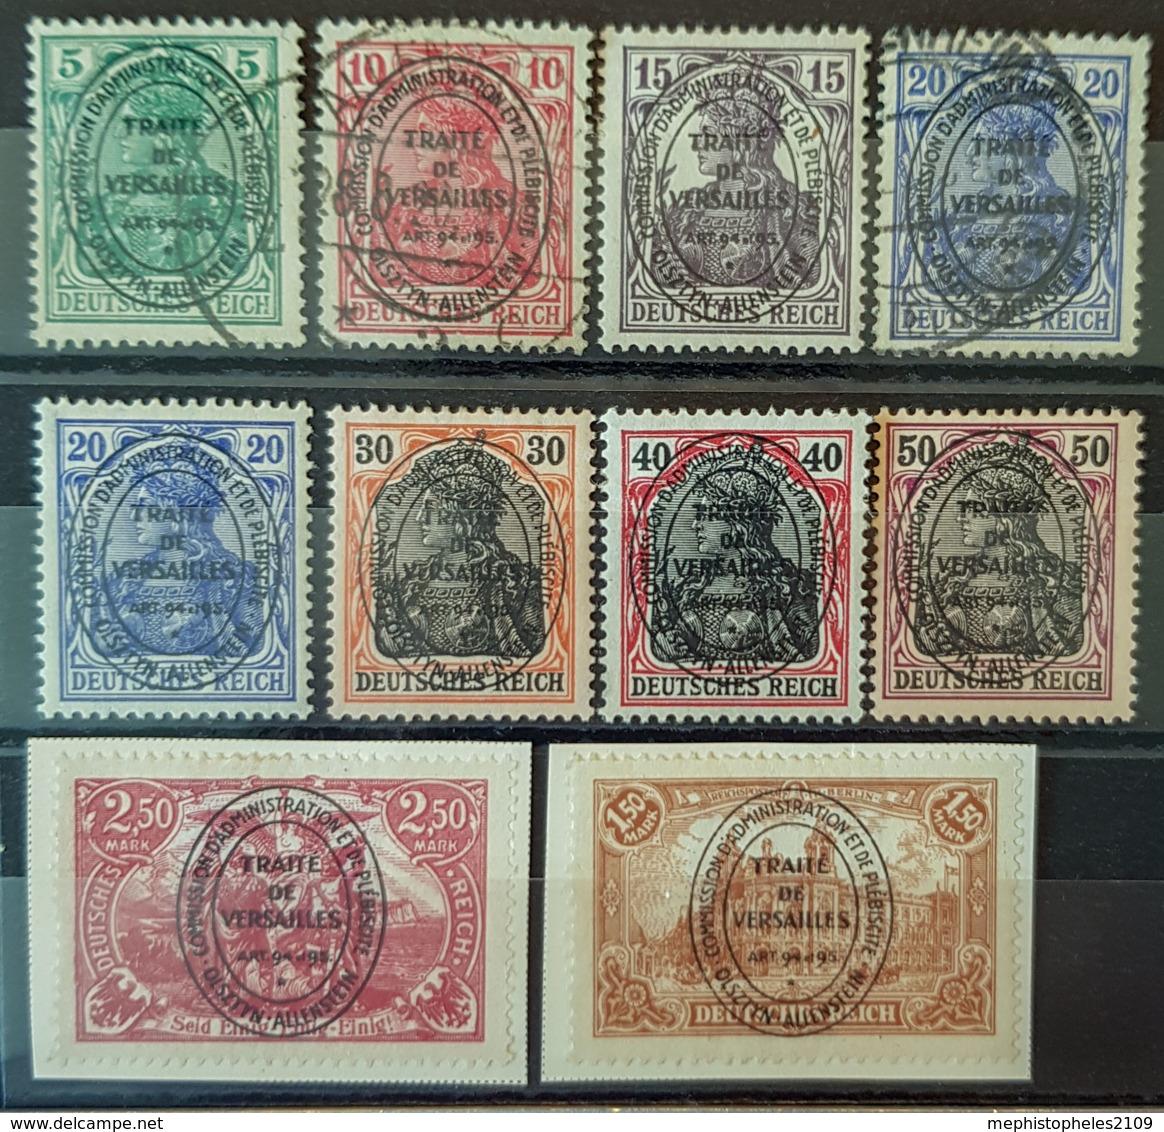 ALLENSTEIN 1920 - MLH/canceled - Mi 15, 16, 17, 19 (2x), 20, 21, 22, 26, 27 - Deutschland